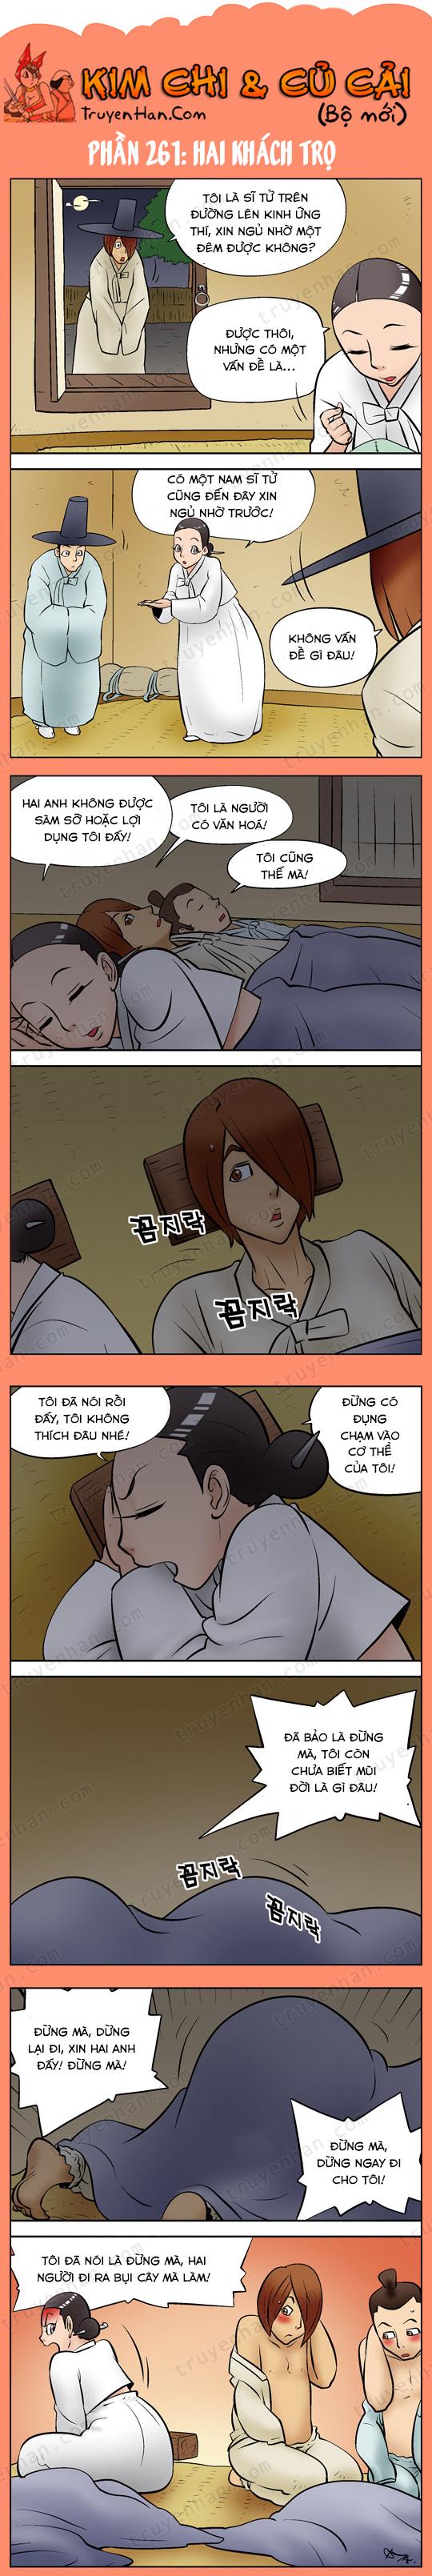 Kim Chi & Củ Cải (bộ mới) phần 261: Hai khách trọ